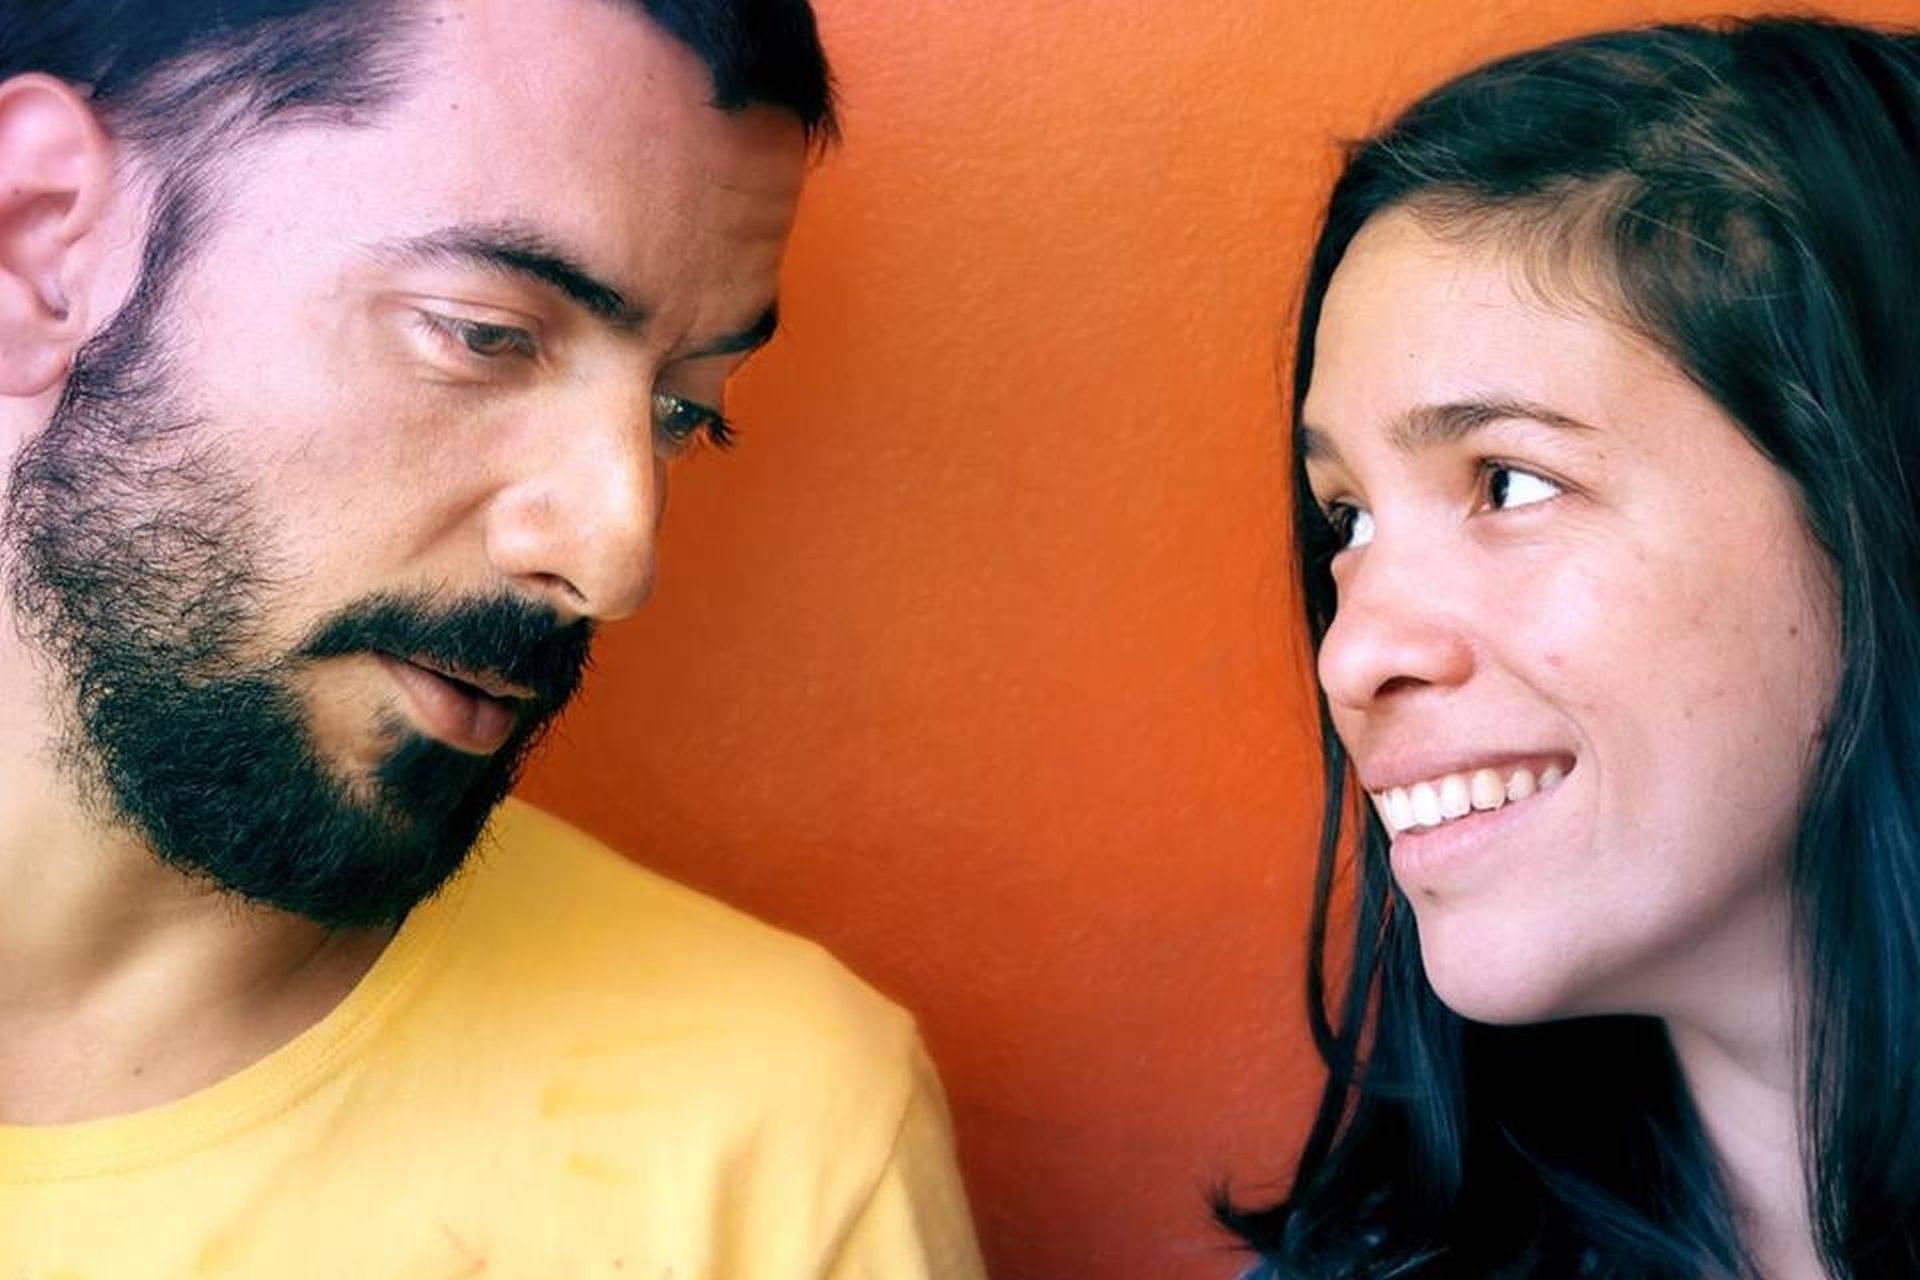 Migue de la Rosa y Yaima Orozco. Foto: Página de Facebook de Yaíma Orozco.